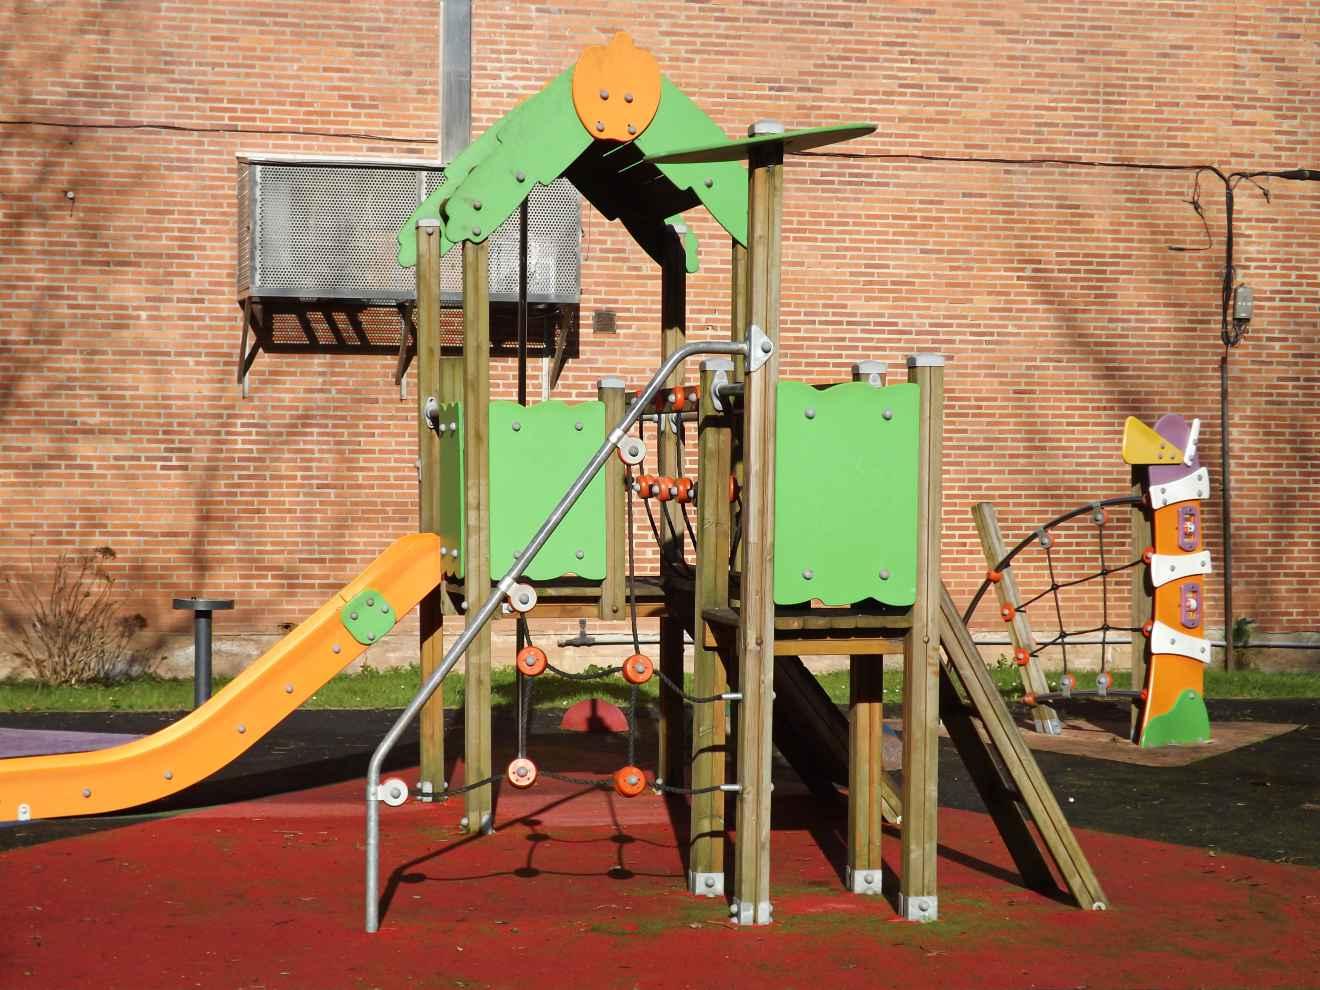 Juegos infantiles del parque San Diego